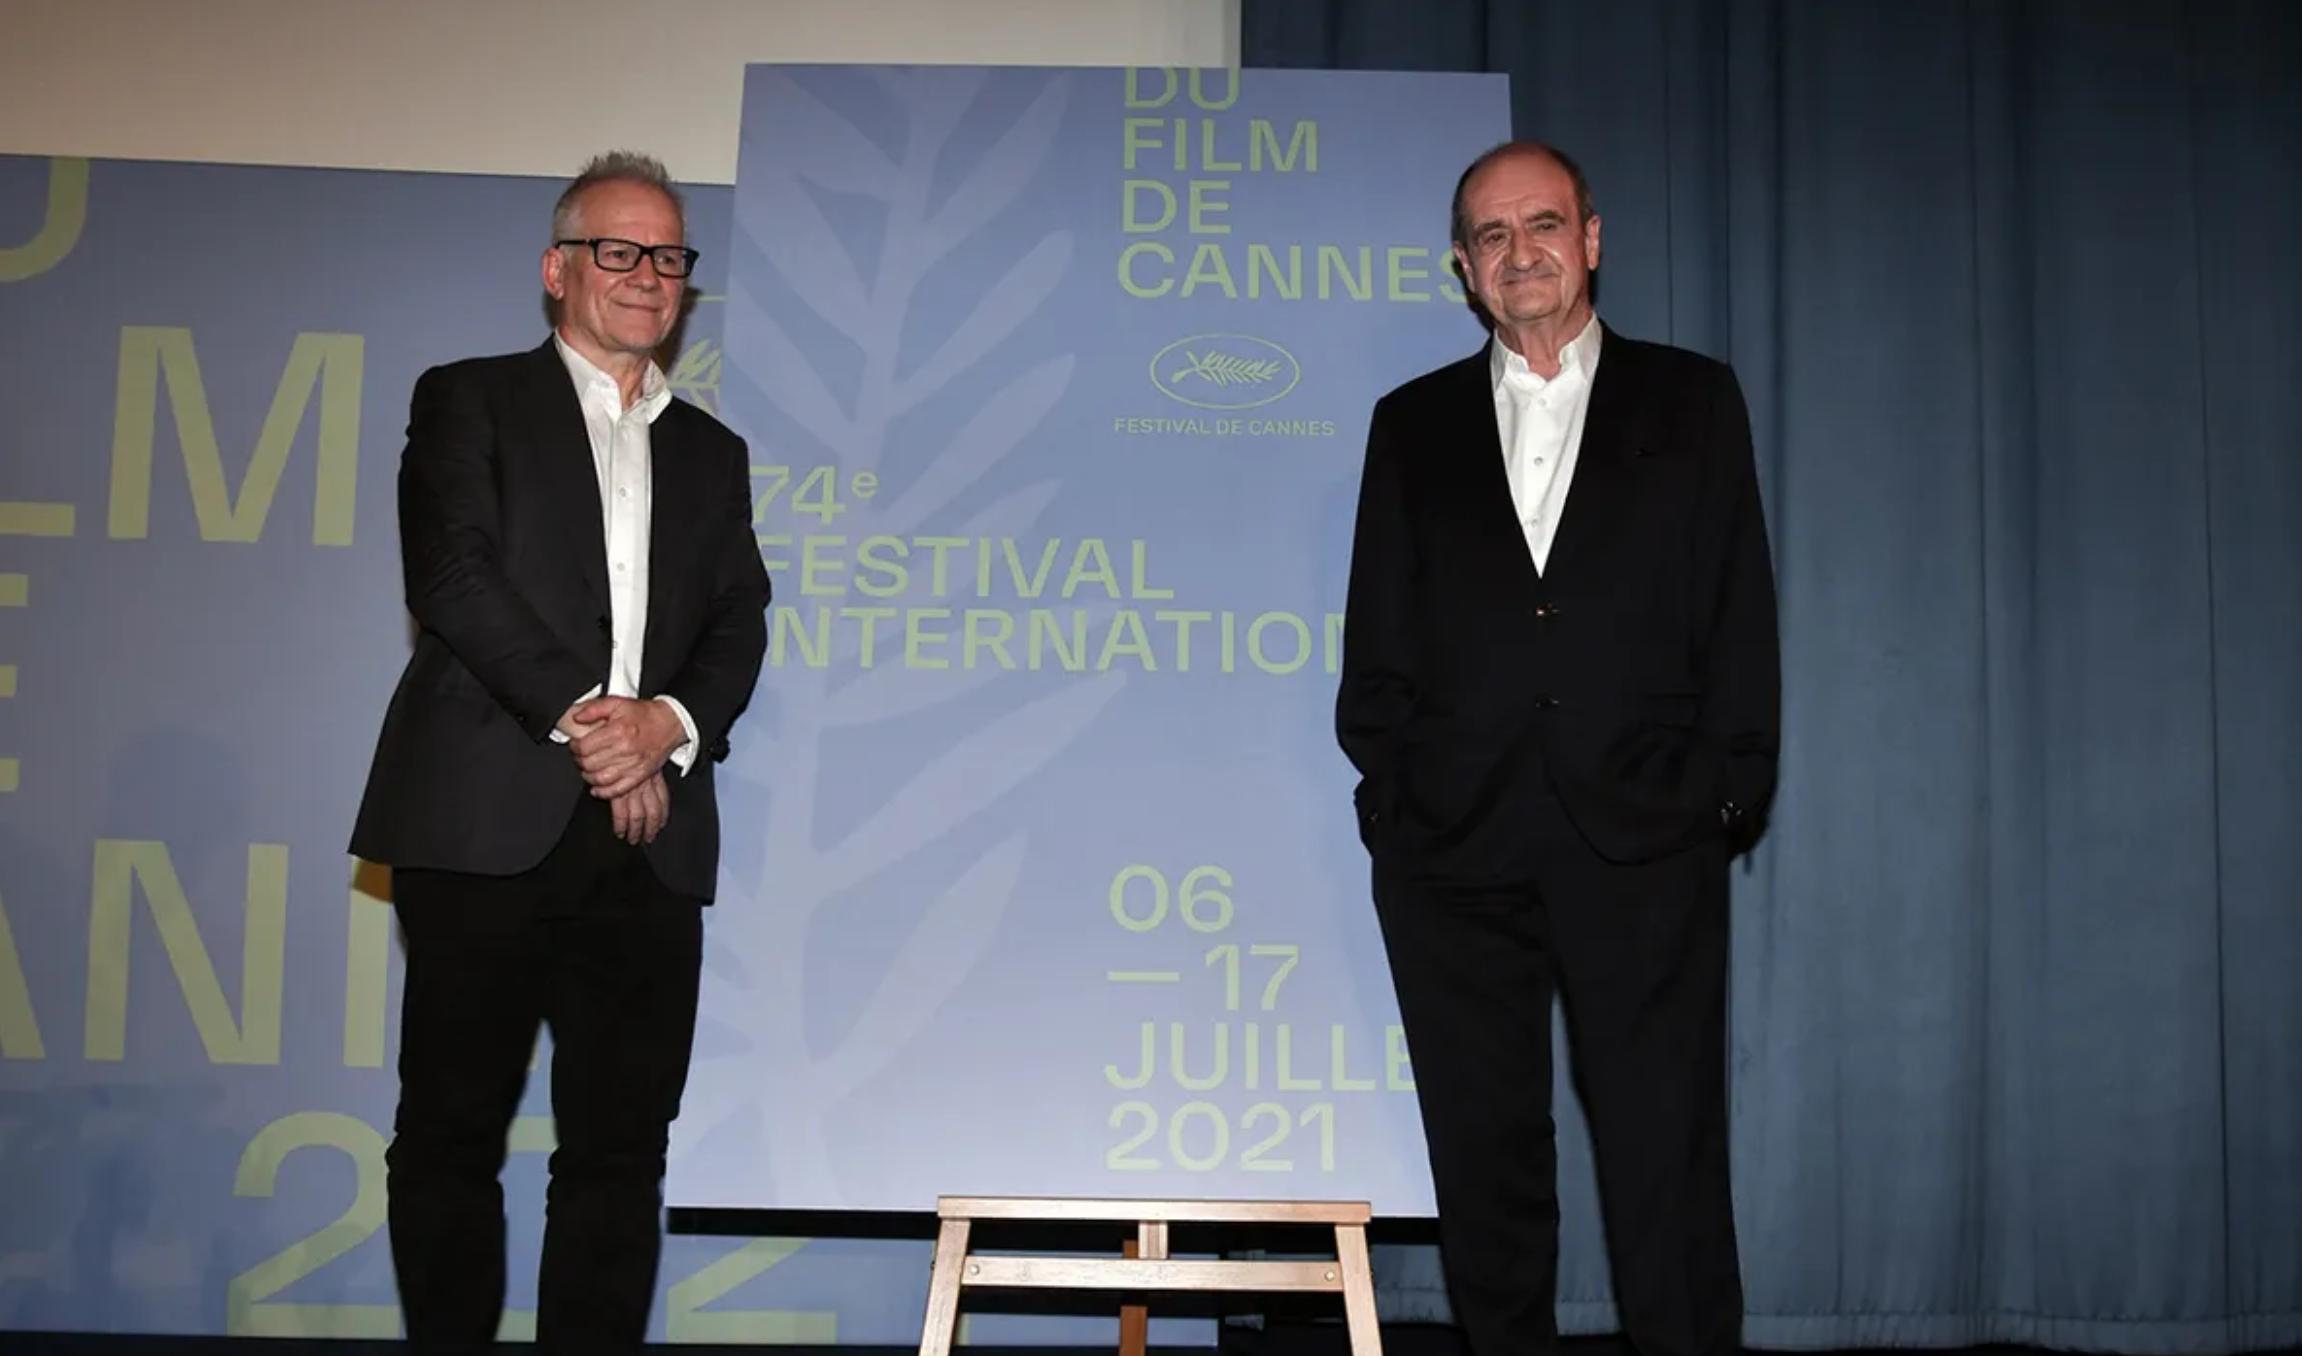 Pierre Lescure e Thierry Frémaux. Image Credit: Serge Arnal